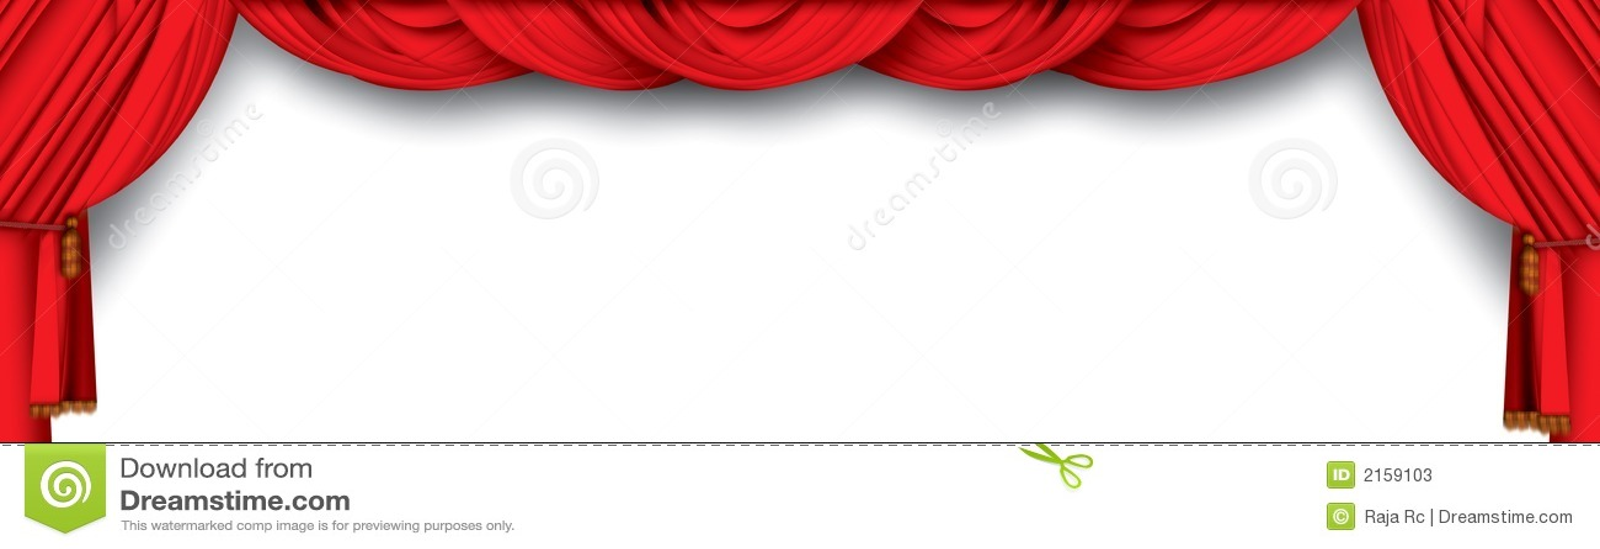 Cortinas Del Teatro Stock De Ilustración. Ilustración De